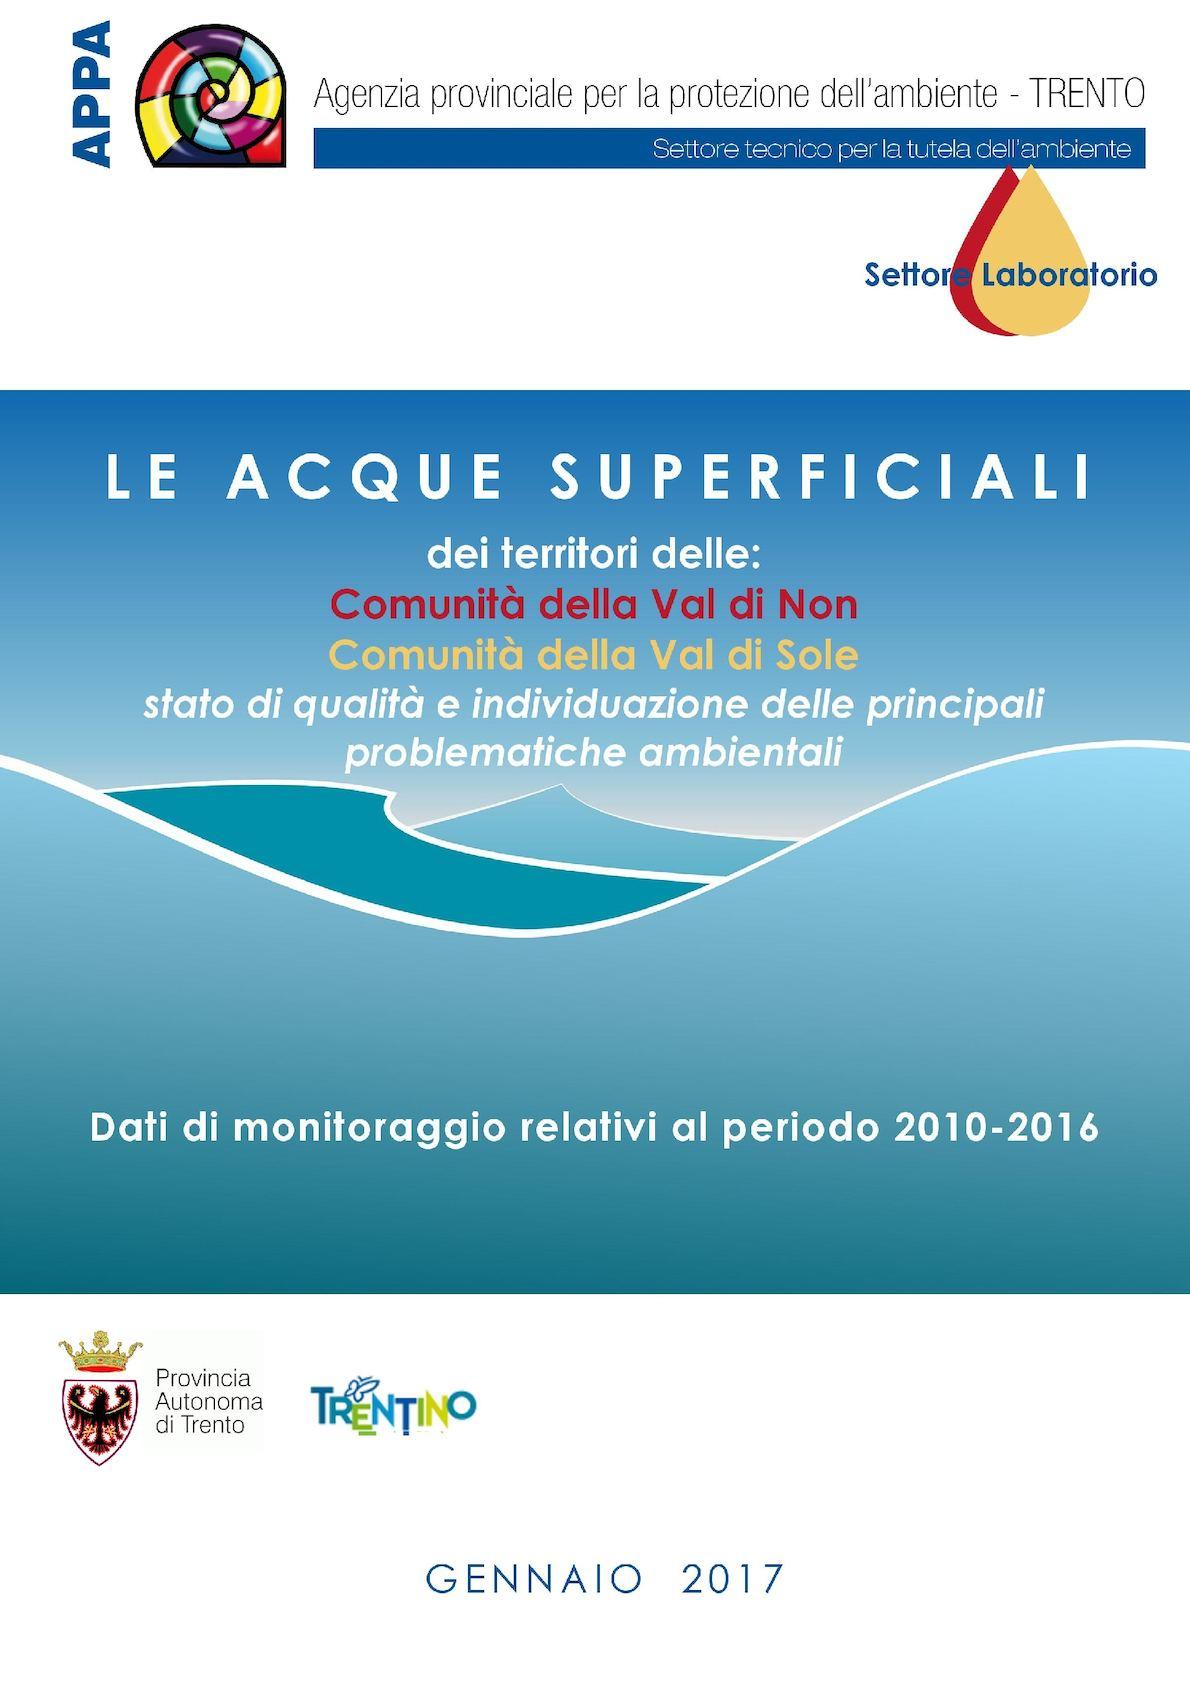 LE ACQUE SUPERFICIALI dei territori delle: Comunità della Val di Non - Comunità della Val di Sole